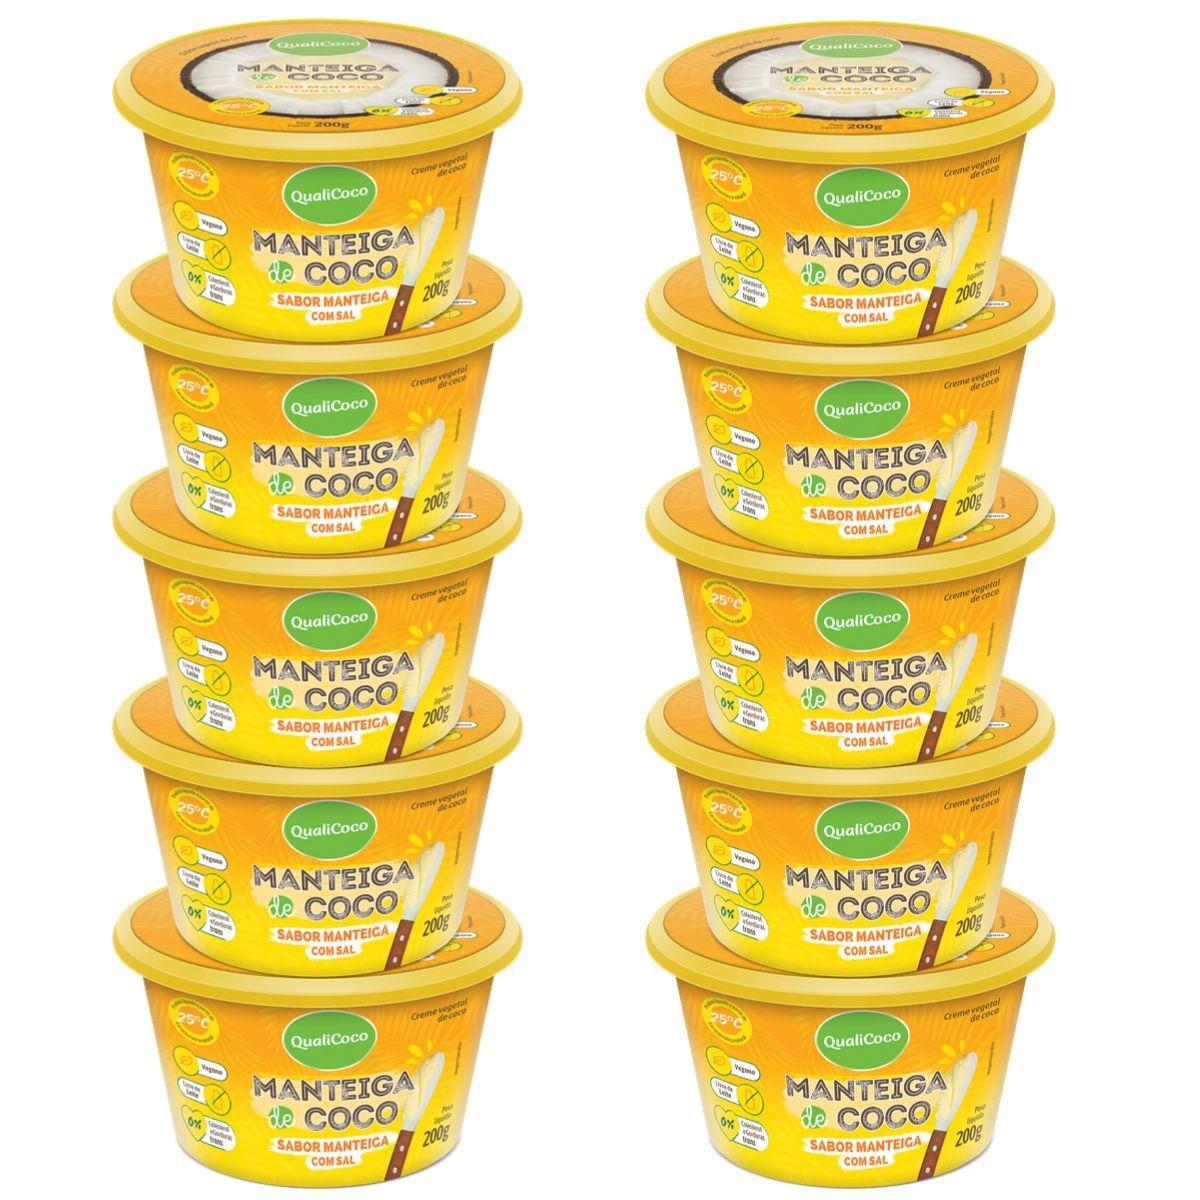 Kit 10 Manteigas De Coco C/ Sal Sabor Manteiga 200g - QualiCôco